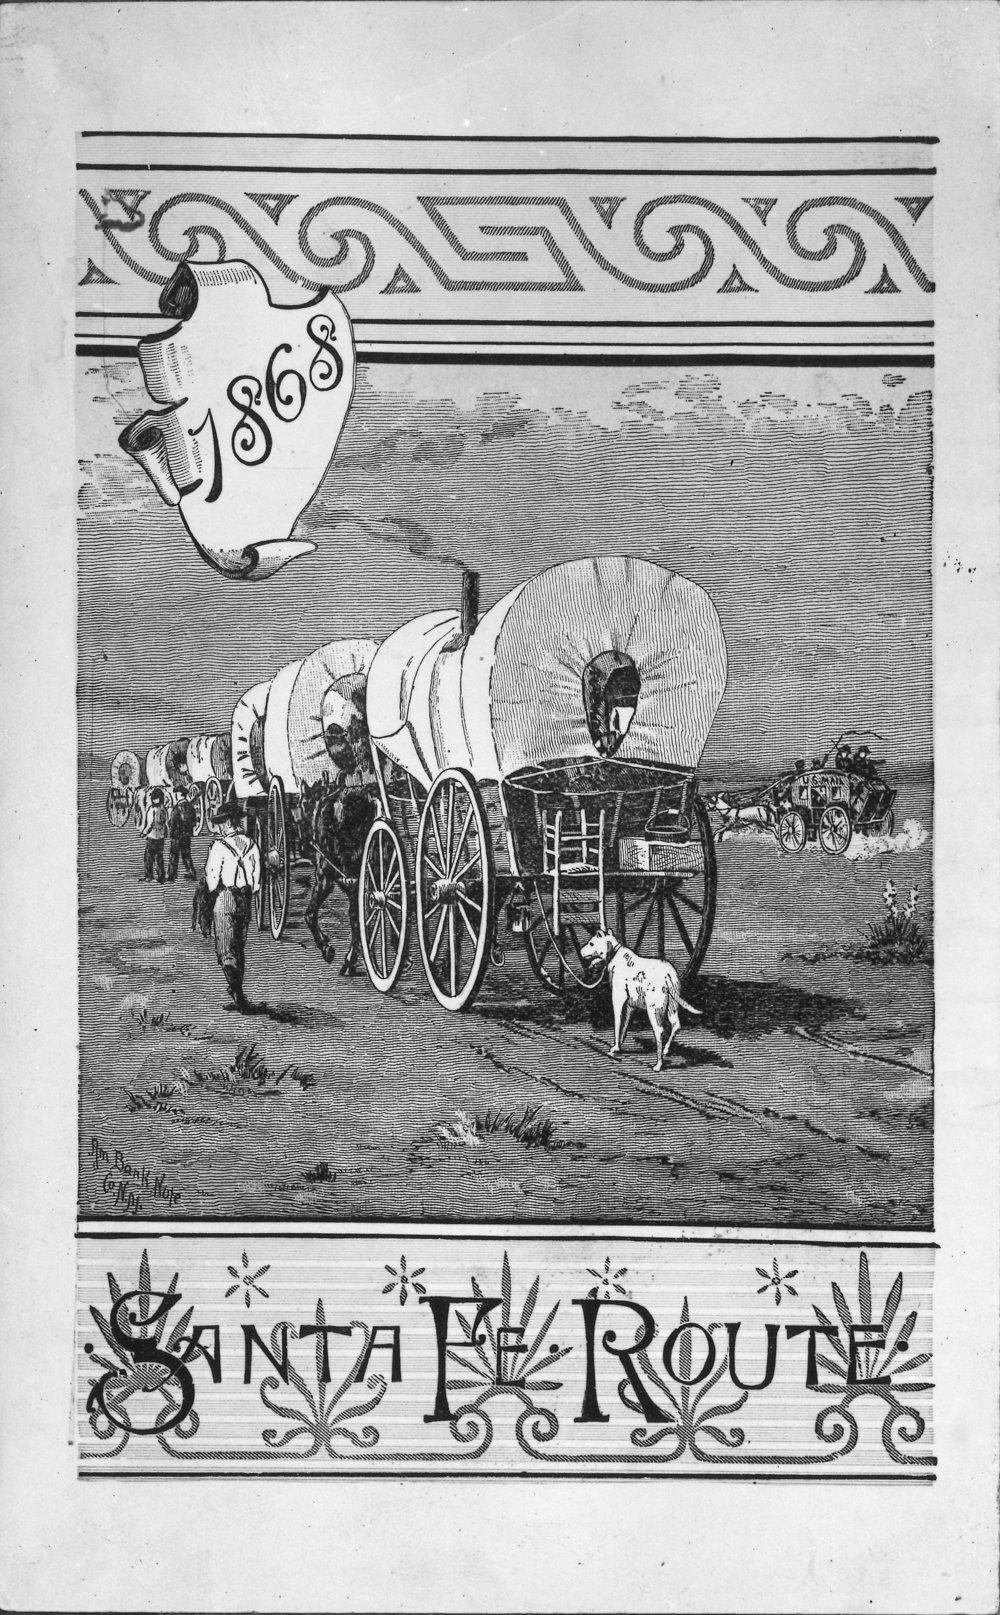 Santa Fe Menu 1889_sm3.jpg